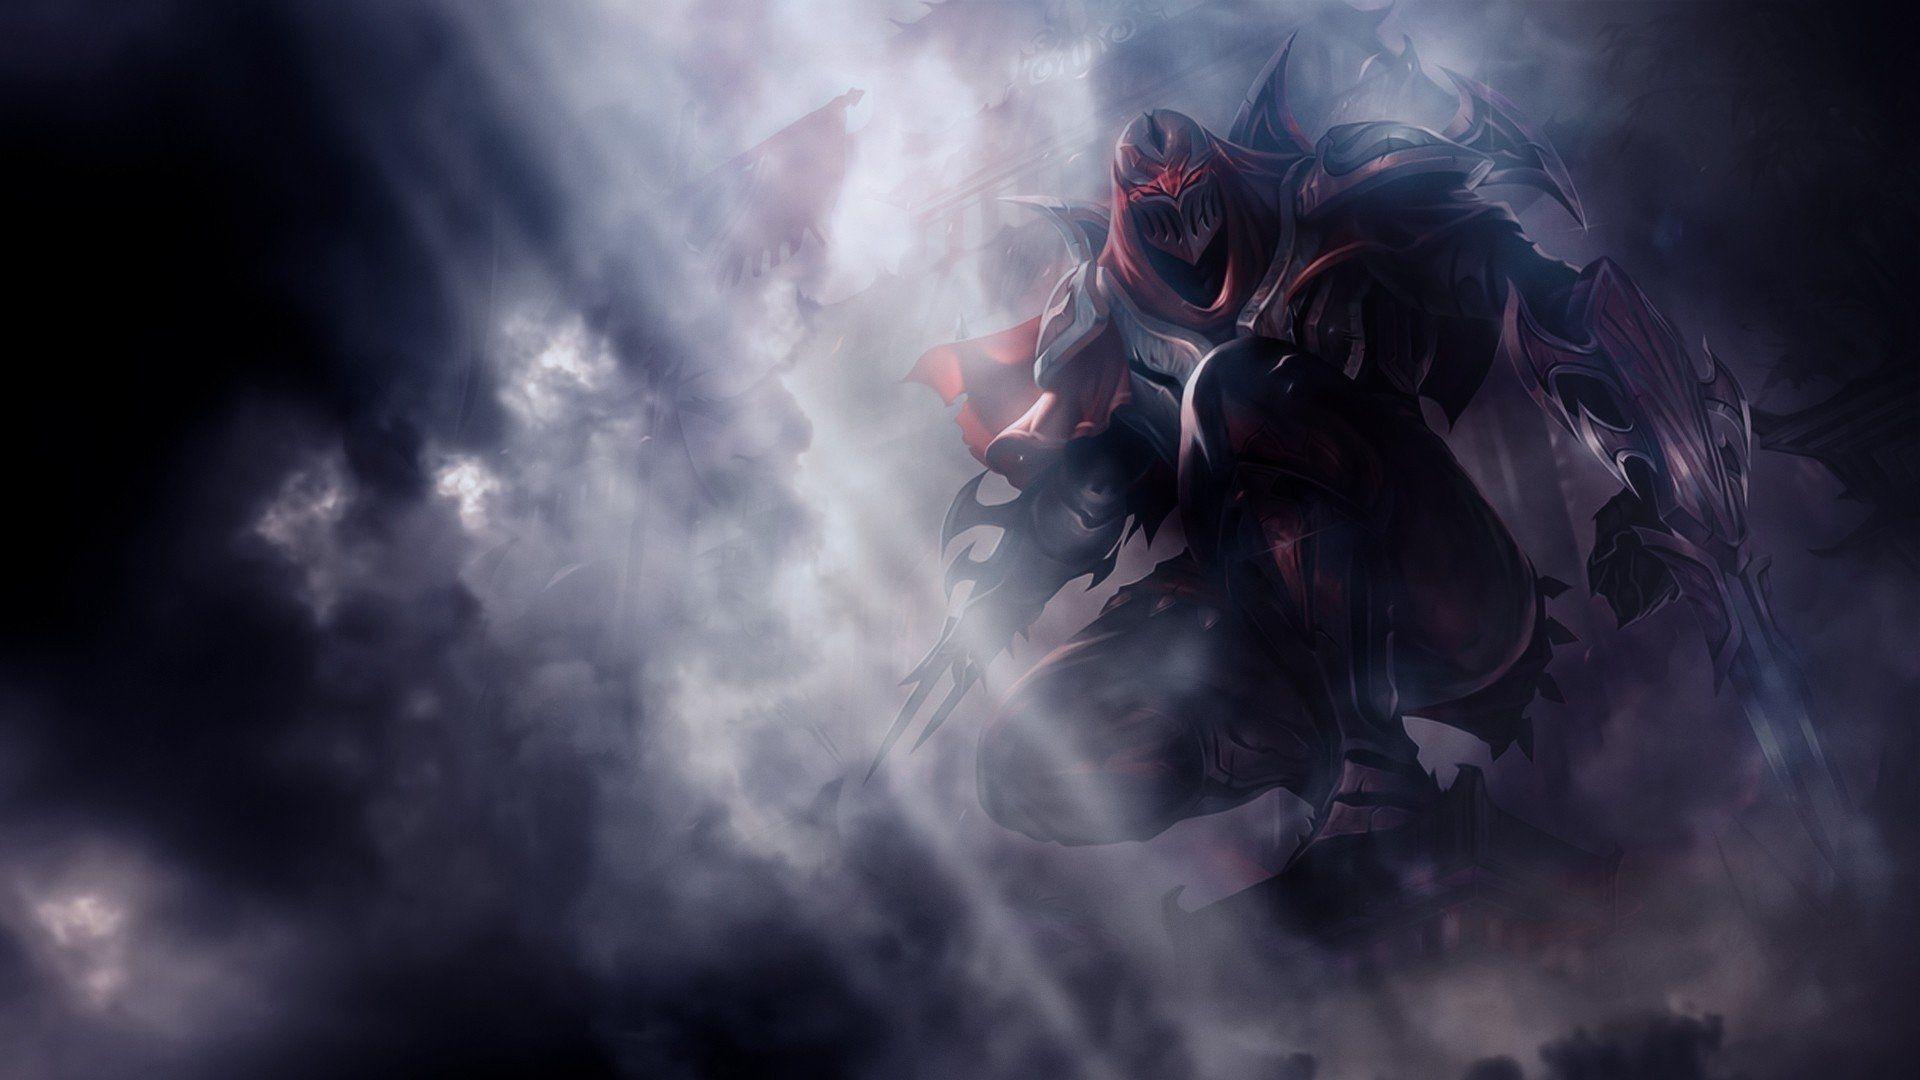 44 Zed League Of Legends Hd Wallpapers Hintergründe